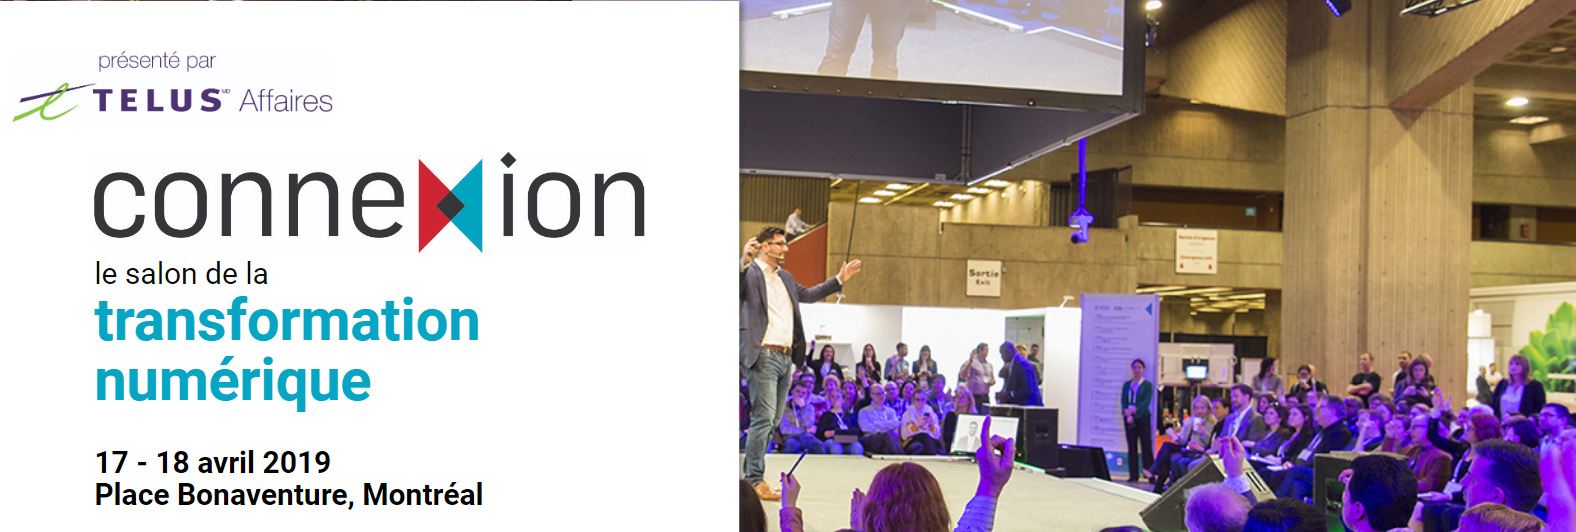 Connexion : le salon de la transformation numérique